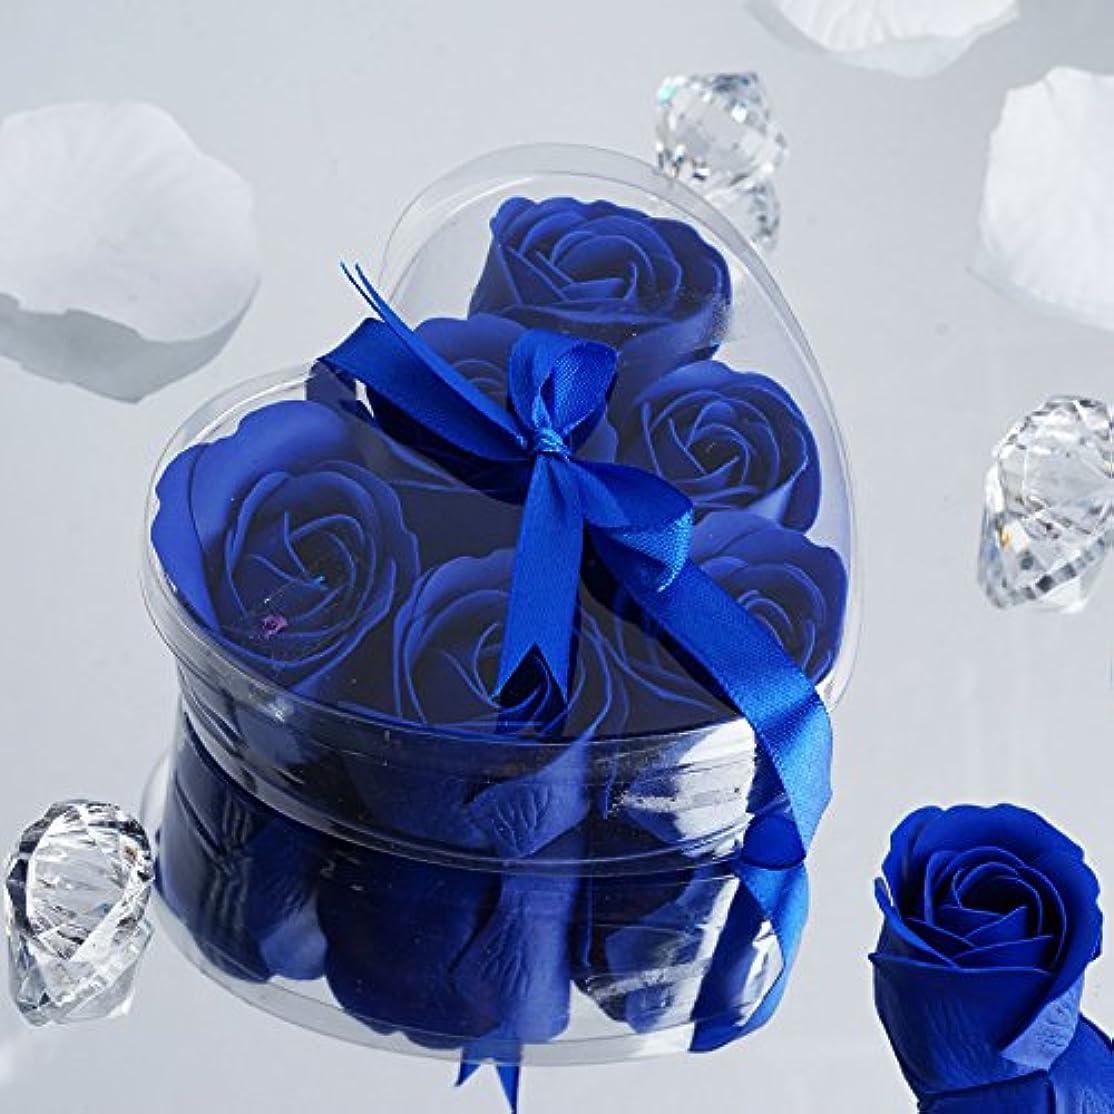 アンペア減る公使館BalsaCircle 100ギフトボックス6付きローズソープ – 結婚式の贈り物 ブルー FAV_SOAP_ROY@100